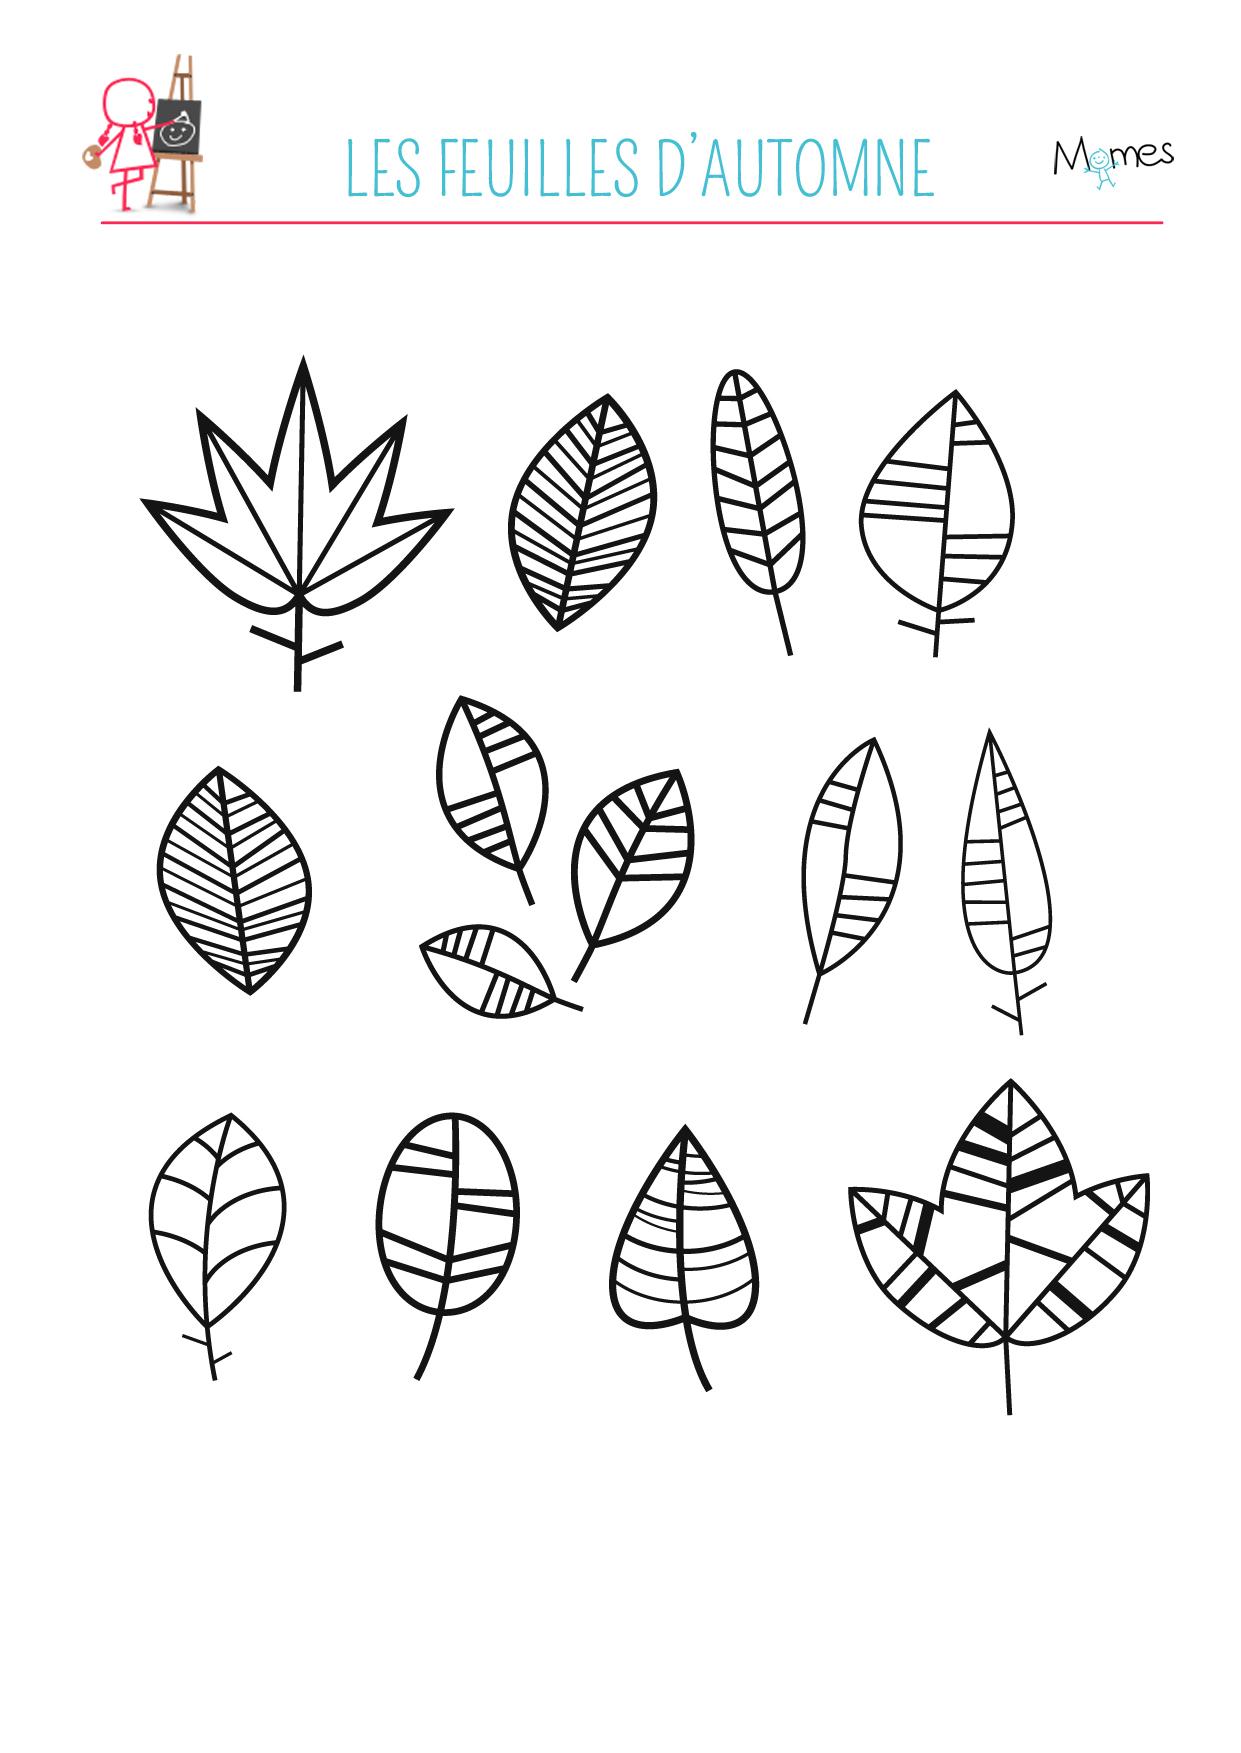 Coloriage Feuilles D'automne - Momes intérieur Dessin De Feuille D Automne